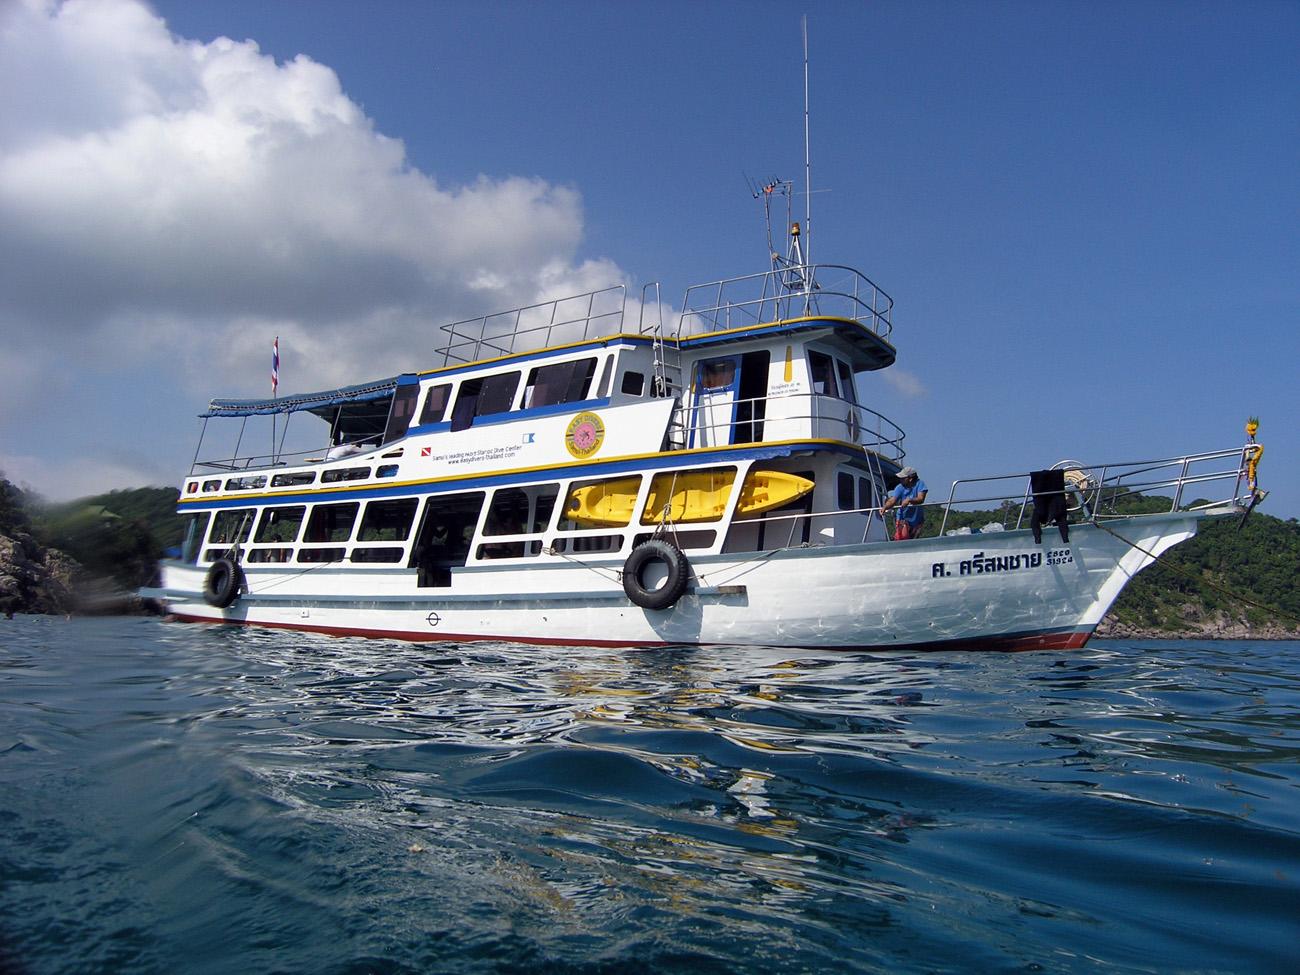 Дайвинг с тайского кораблика (Big boat), остров Самуи, Таиланд